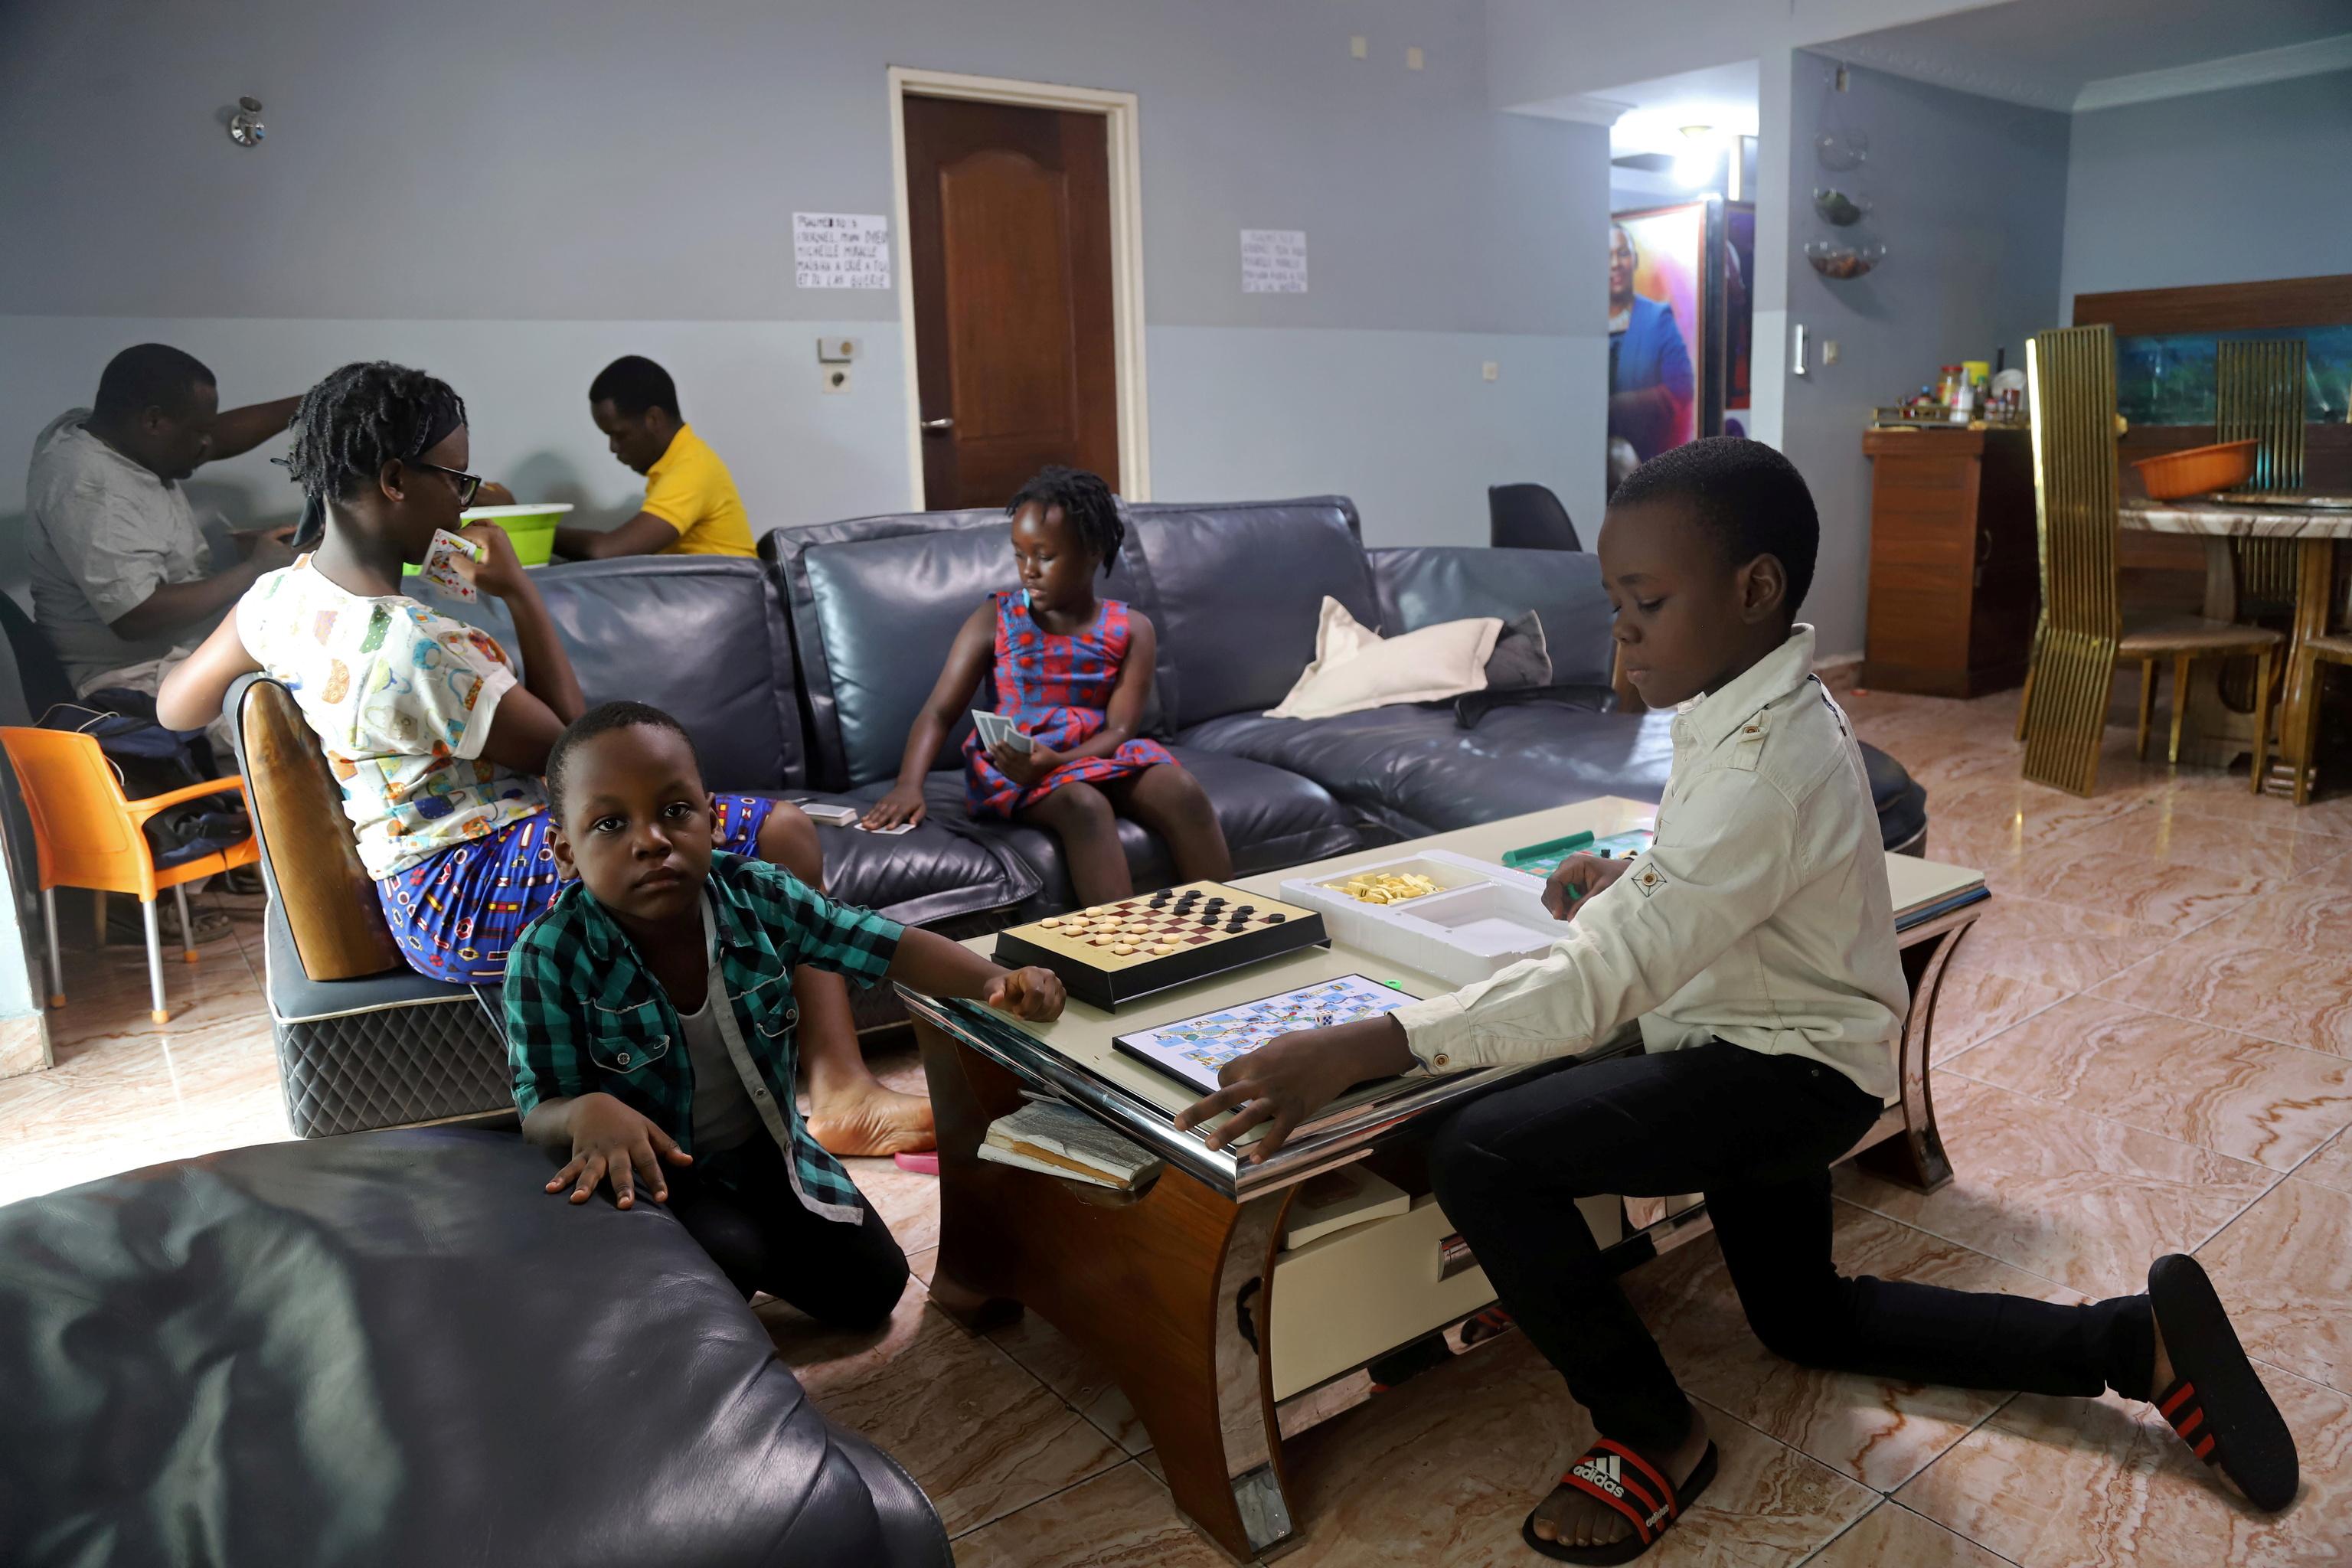 Niños juegan durante el confinamiento en Kinshasa.